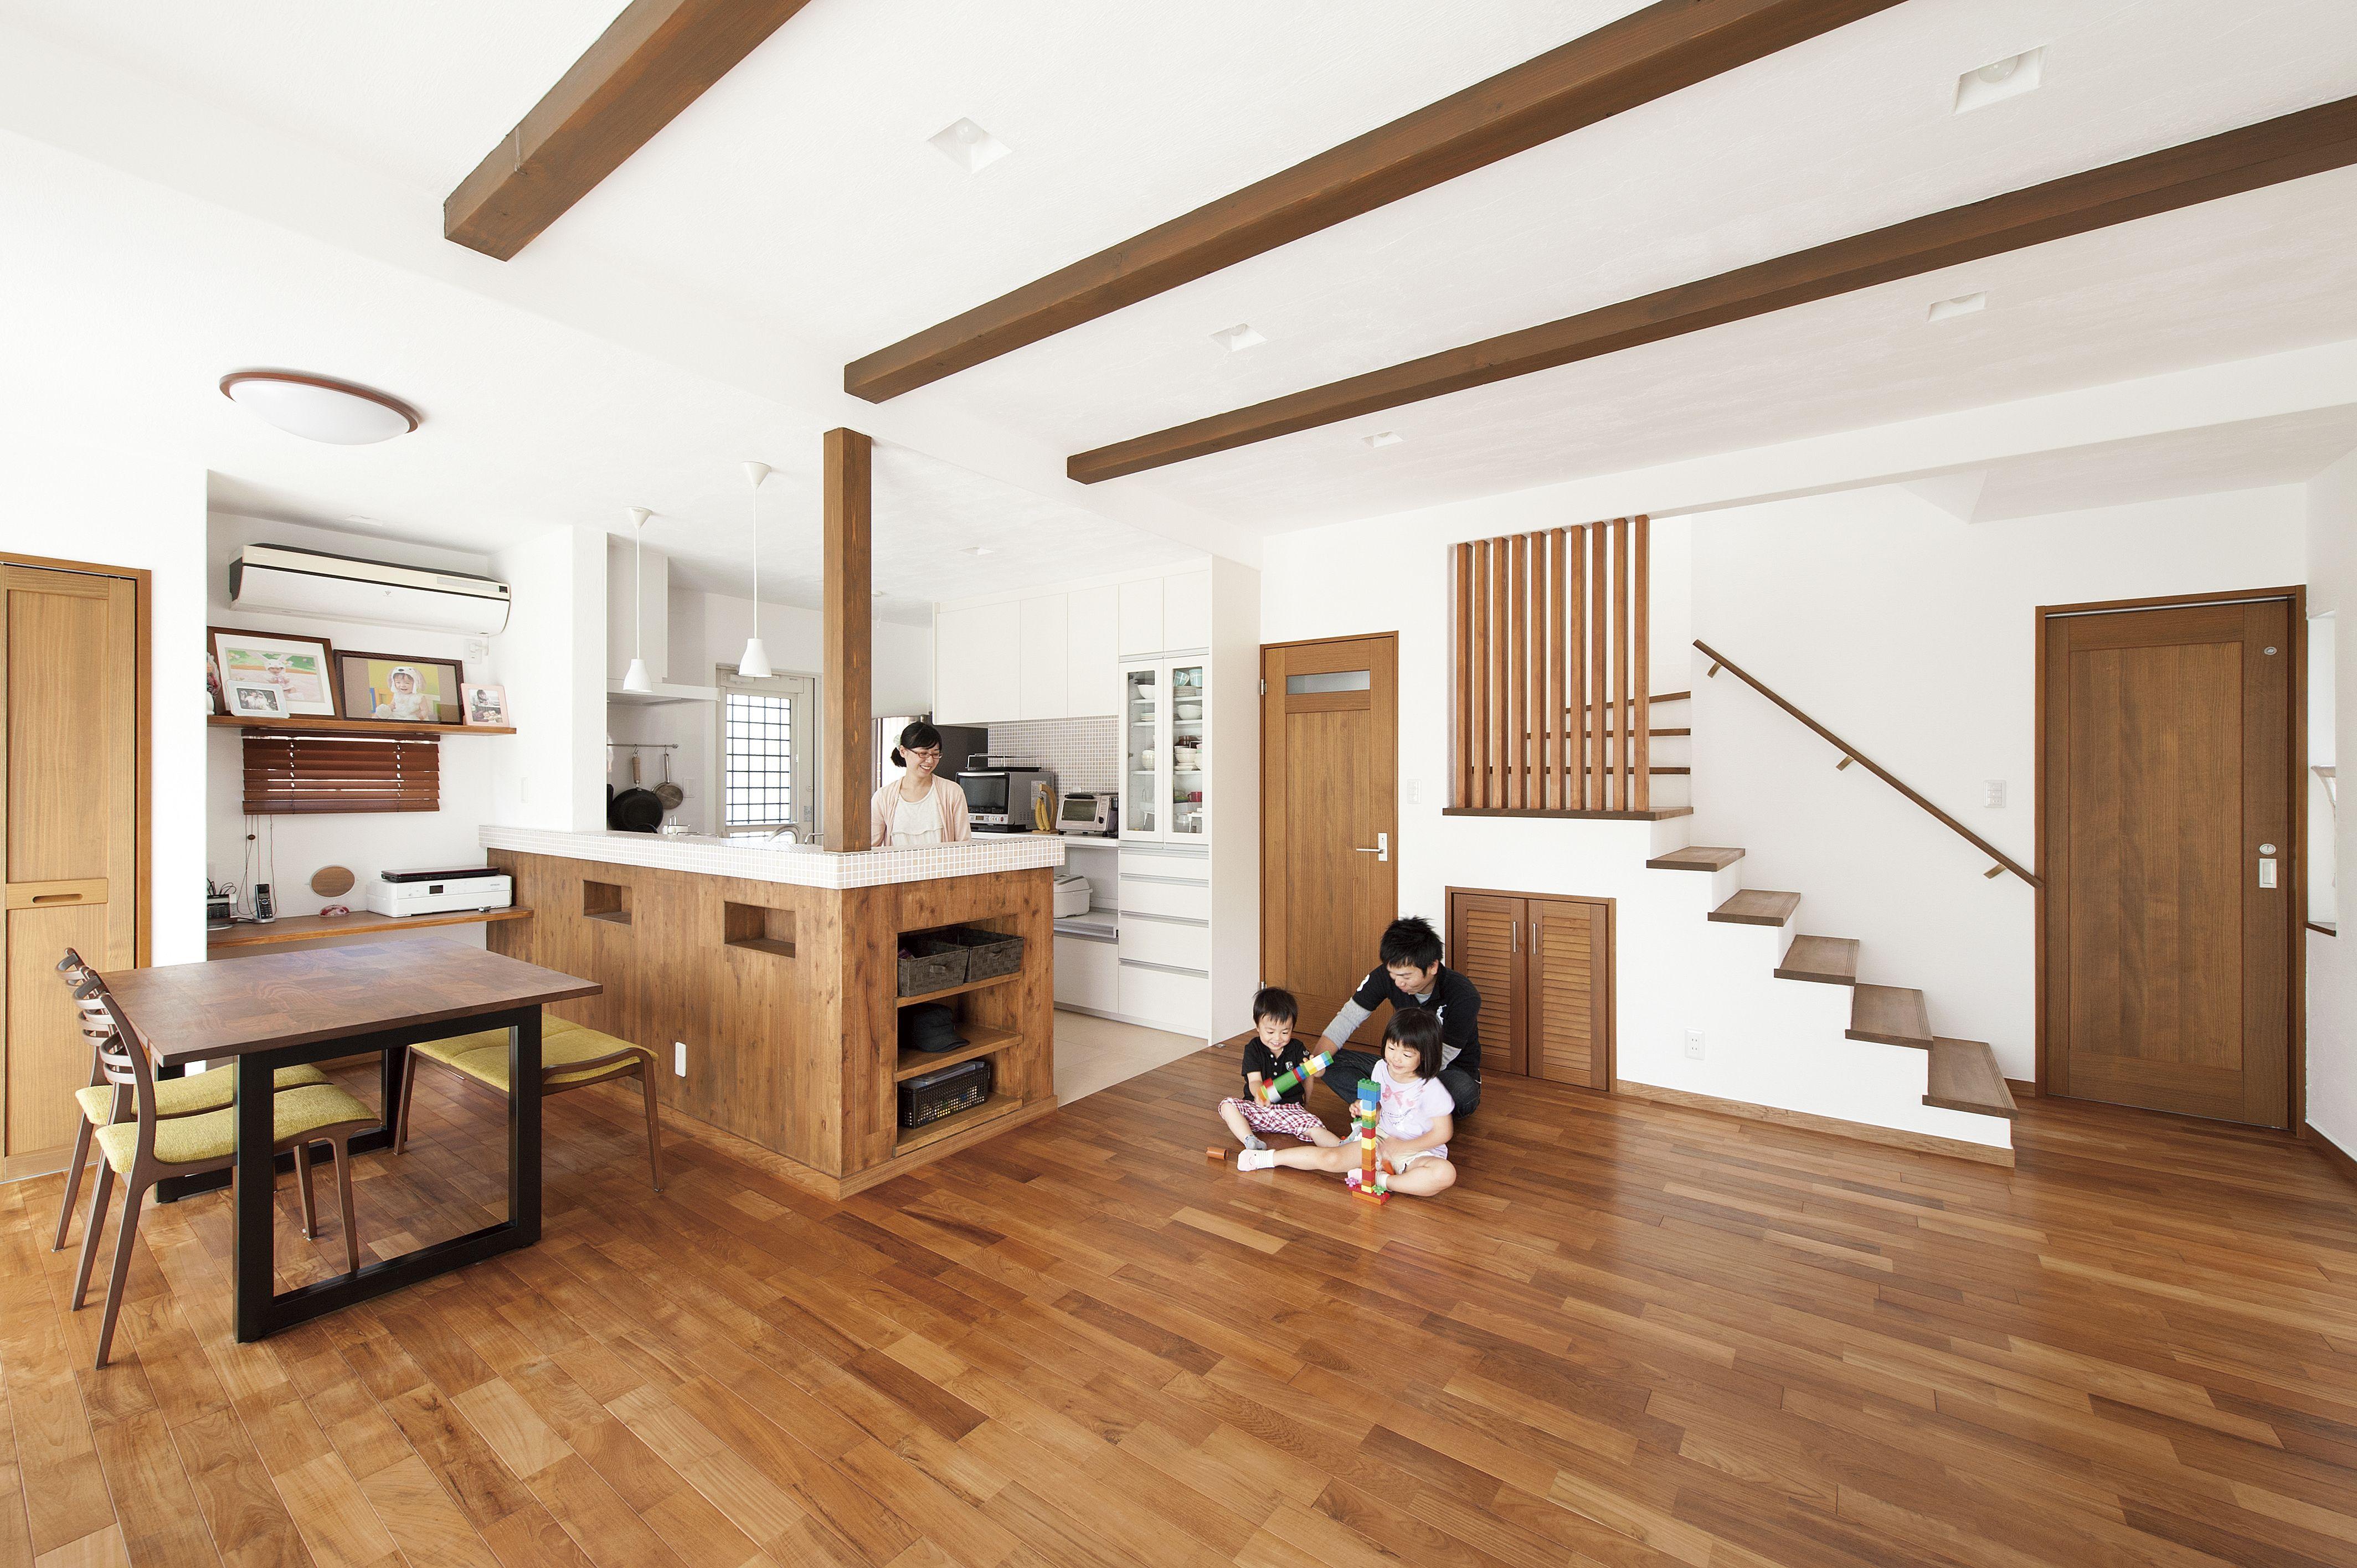 ケース55板張りとウッドデッキがアクセントのキュービックでモダンな外観の家 インテリア 家具 リビング 柱 家